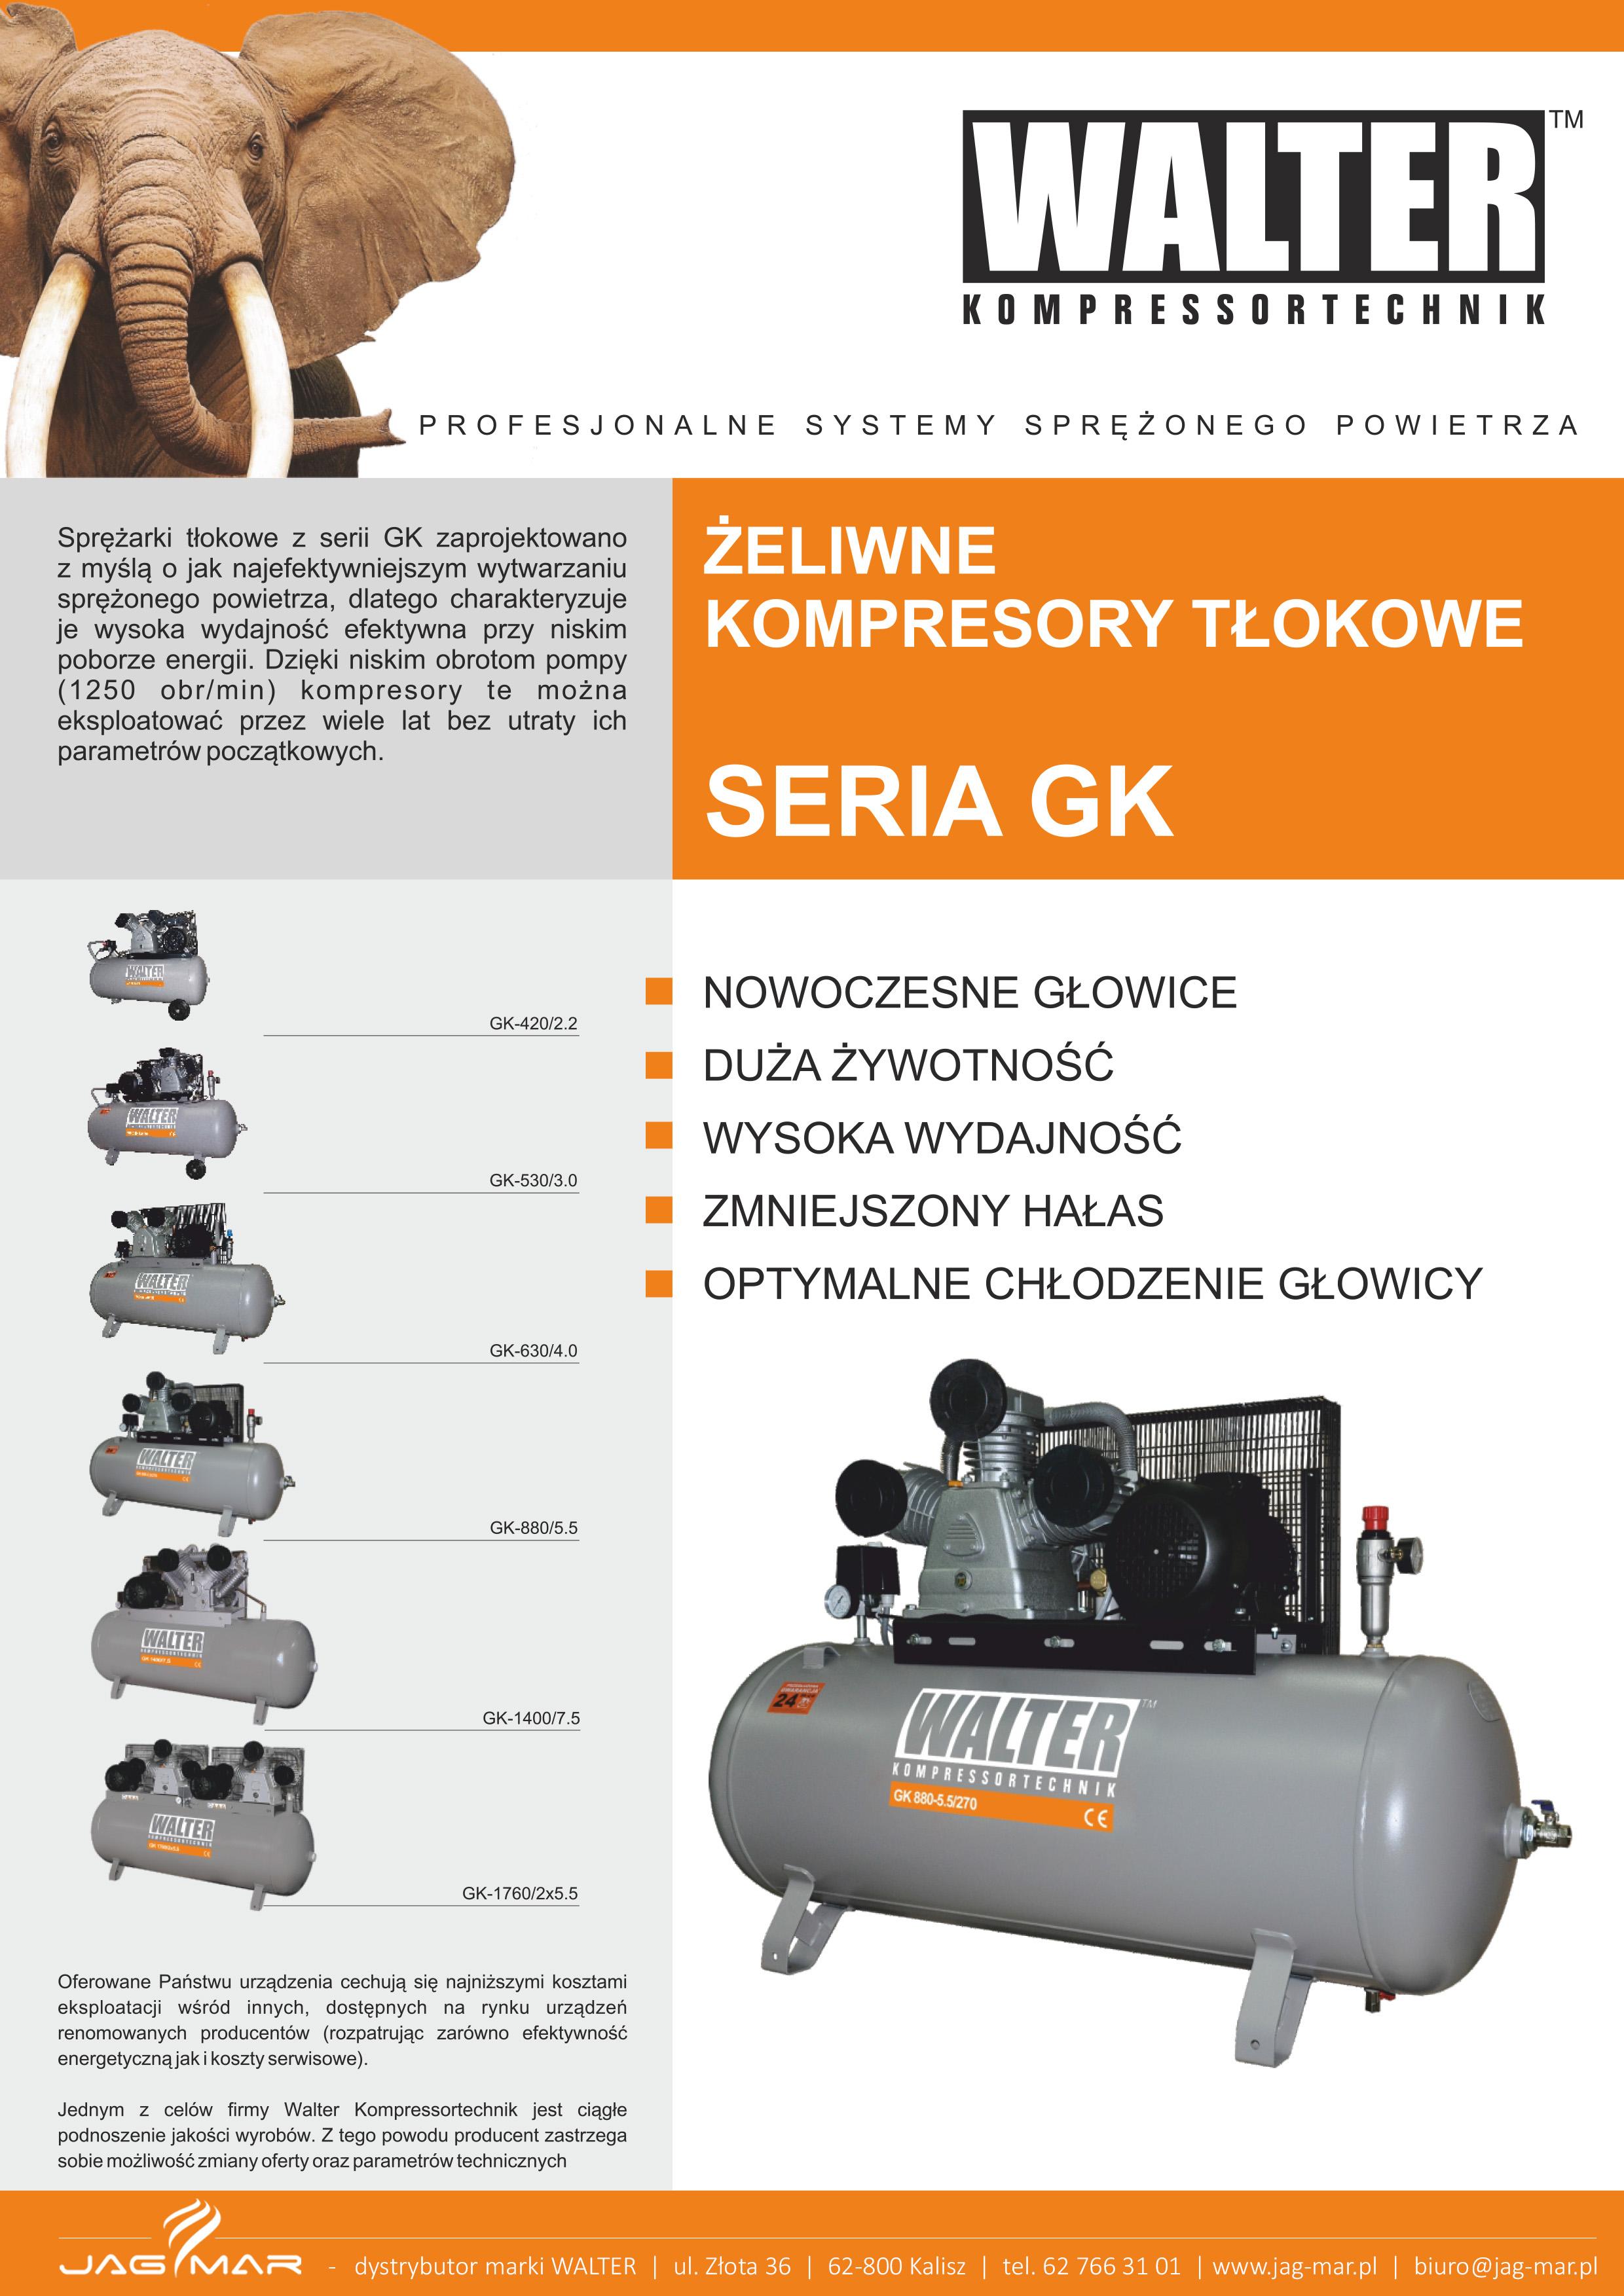 Kompresory tłokowe GK WALTER